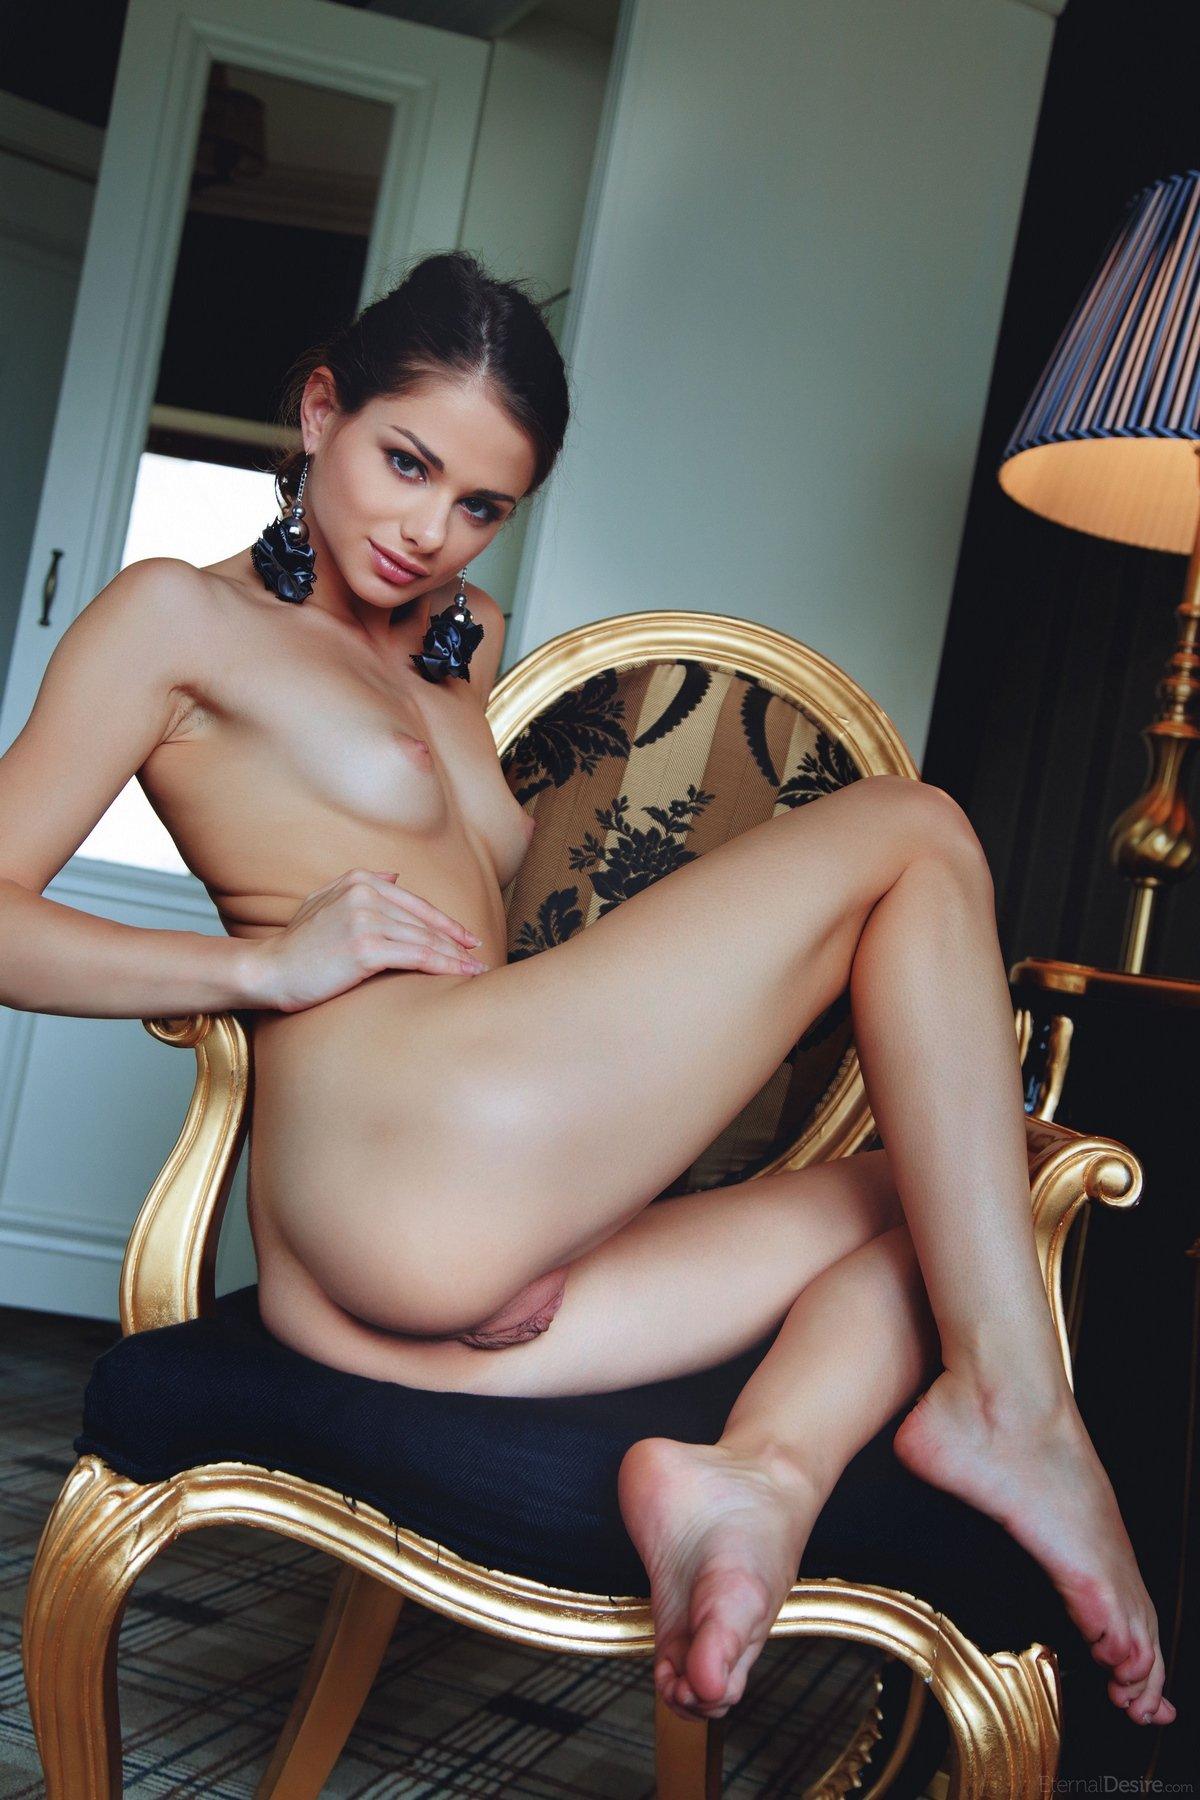 Loretta в соблазнительных позах показывает загорелое тело